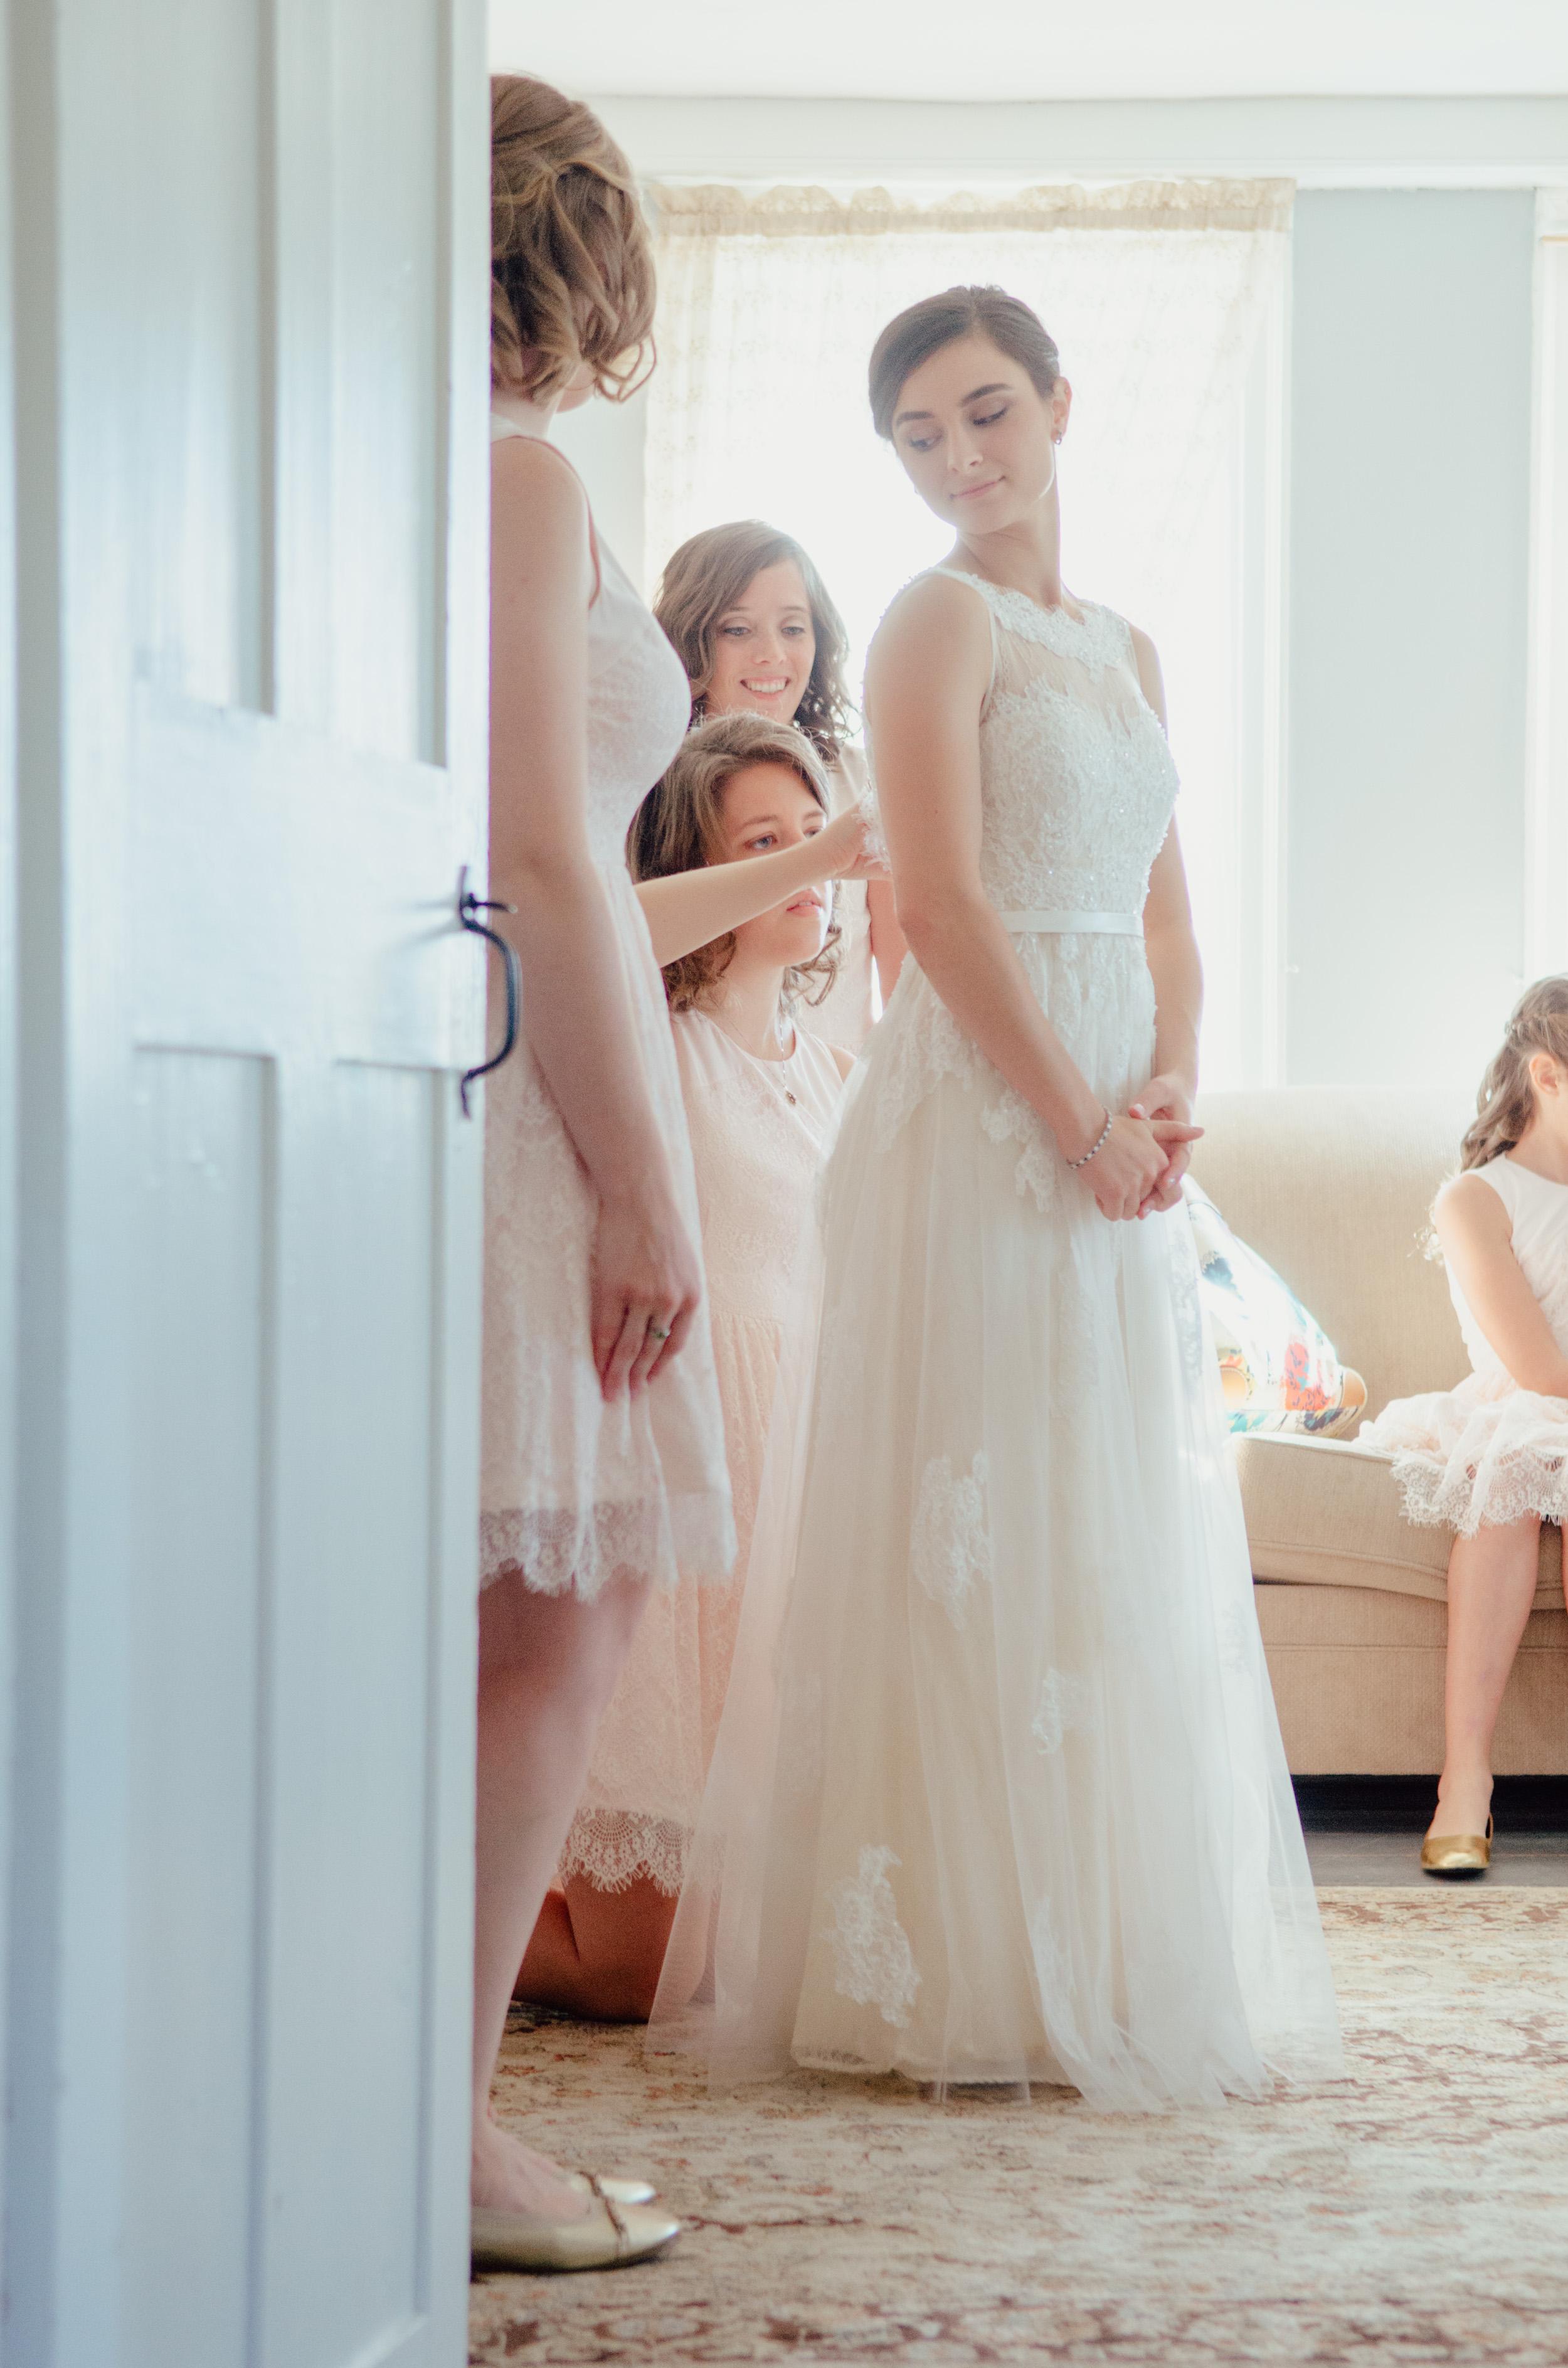 cleland-studios-weddings-45.jpg